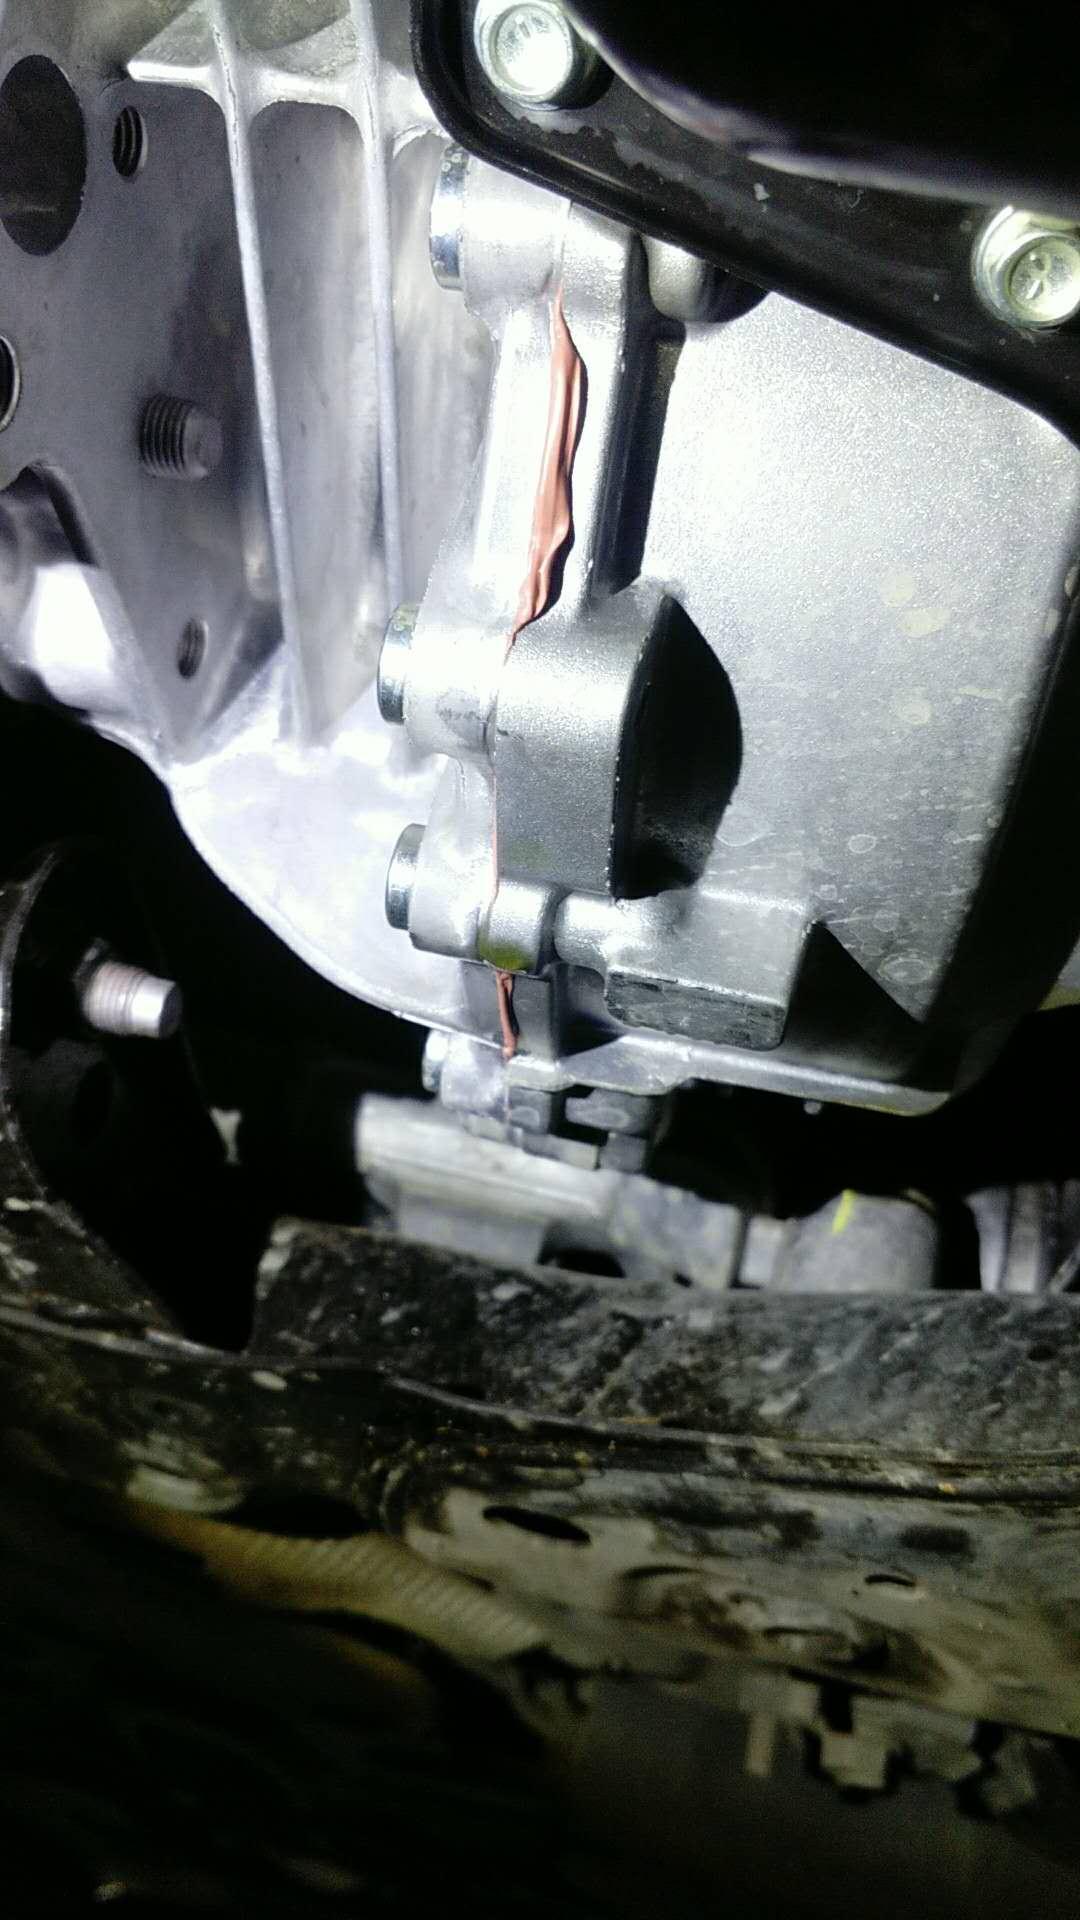 马自达-阿特兹 变速箱漏油,厂家告知外部打胶为最终处理方案